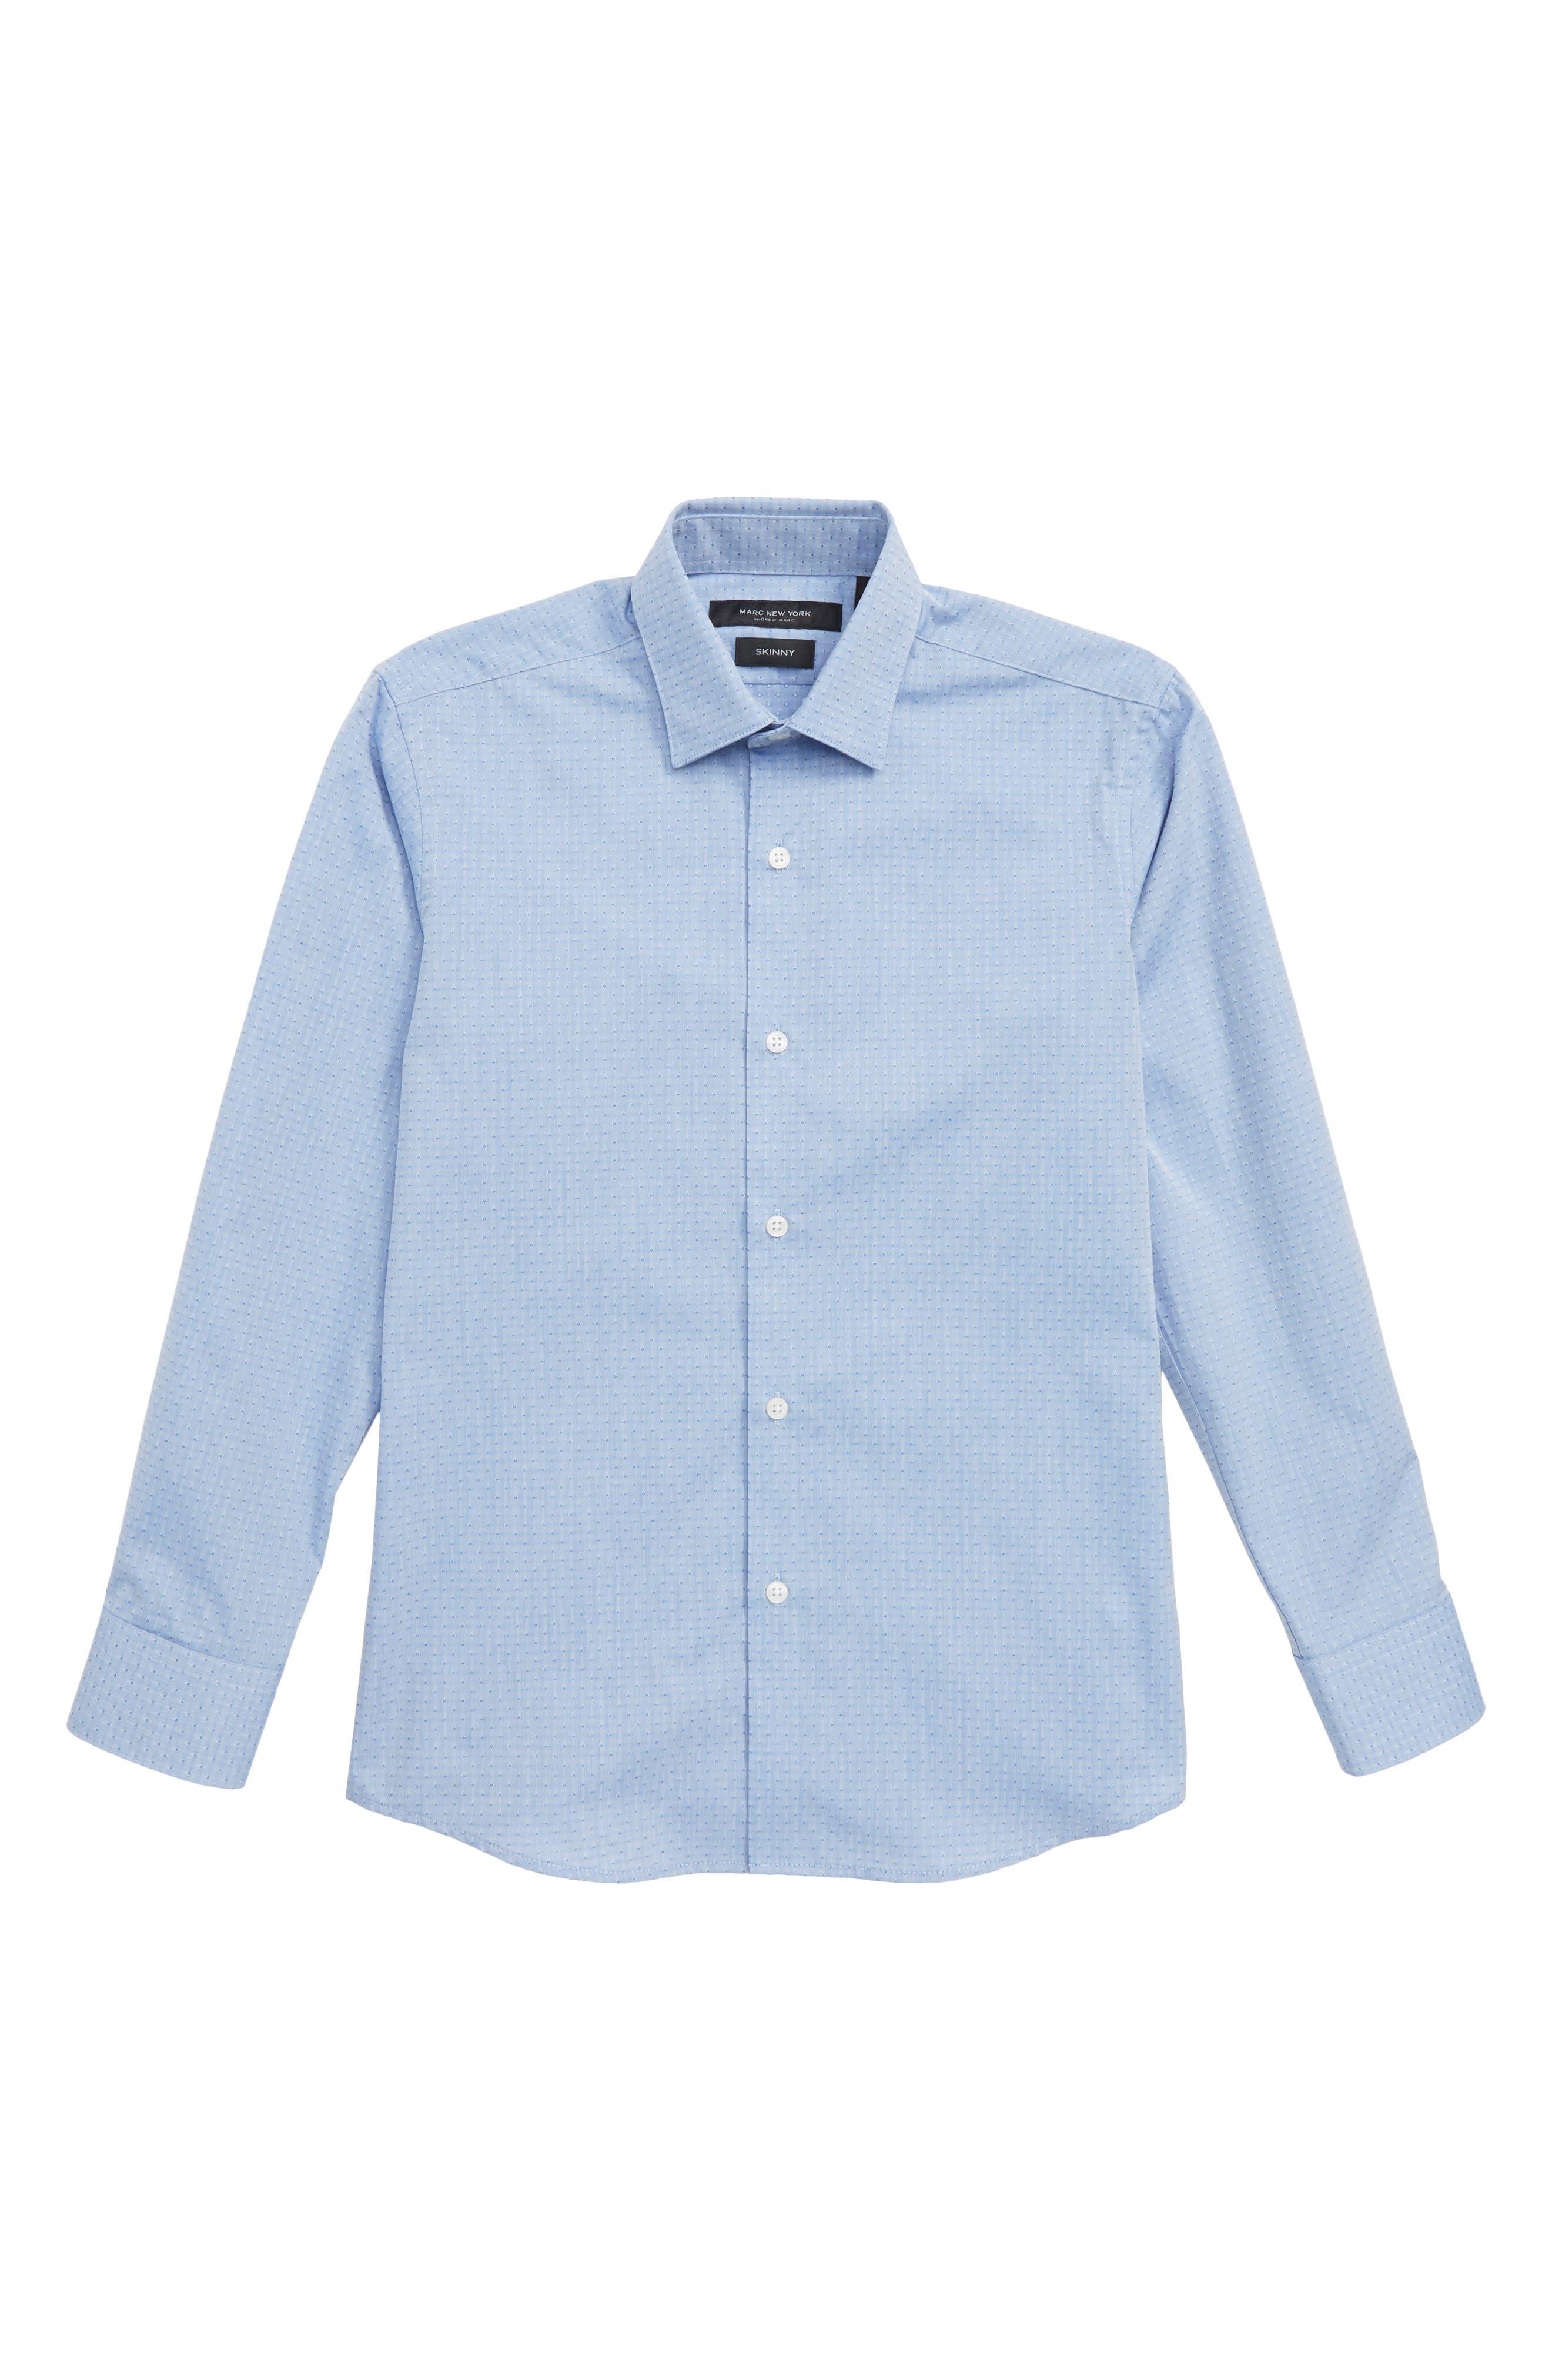 Diamond Print Dress Shirt,                             Main thumbnail 1, color,                             Blue